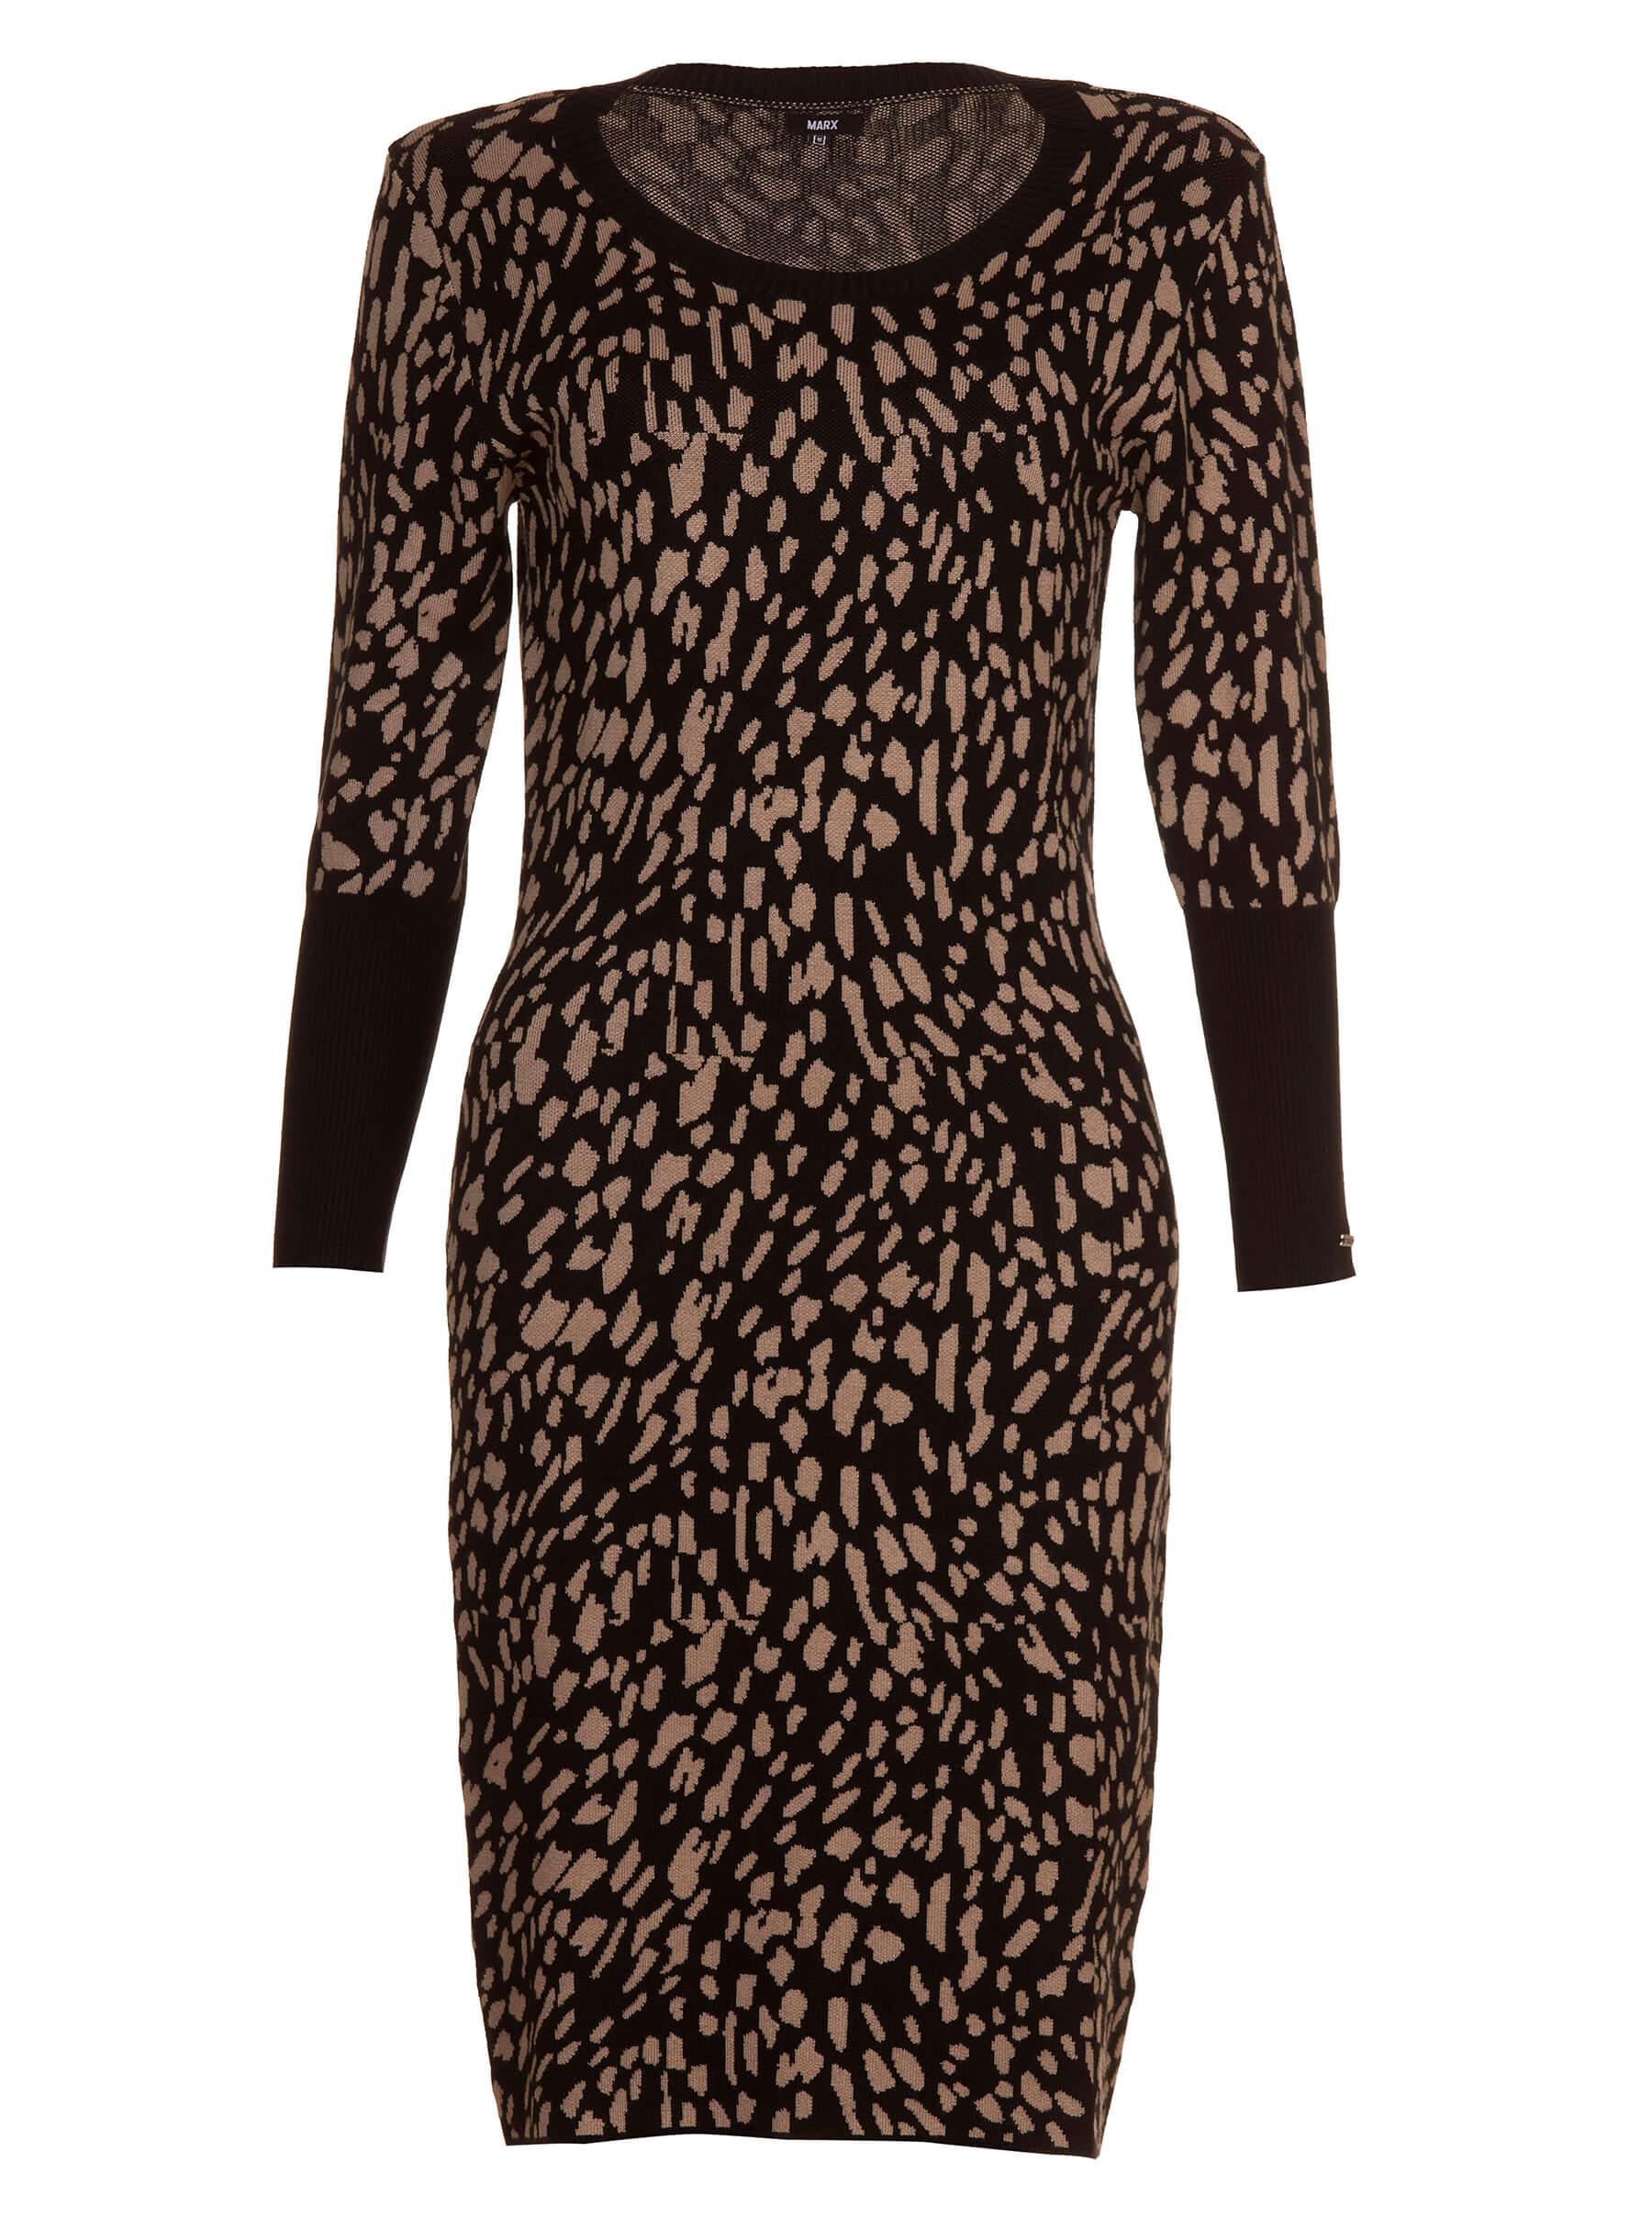 Marx haljina: redovna cijena 319 hrk; -50% popusta